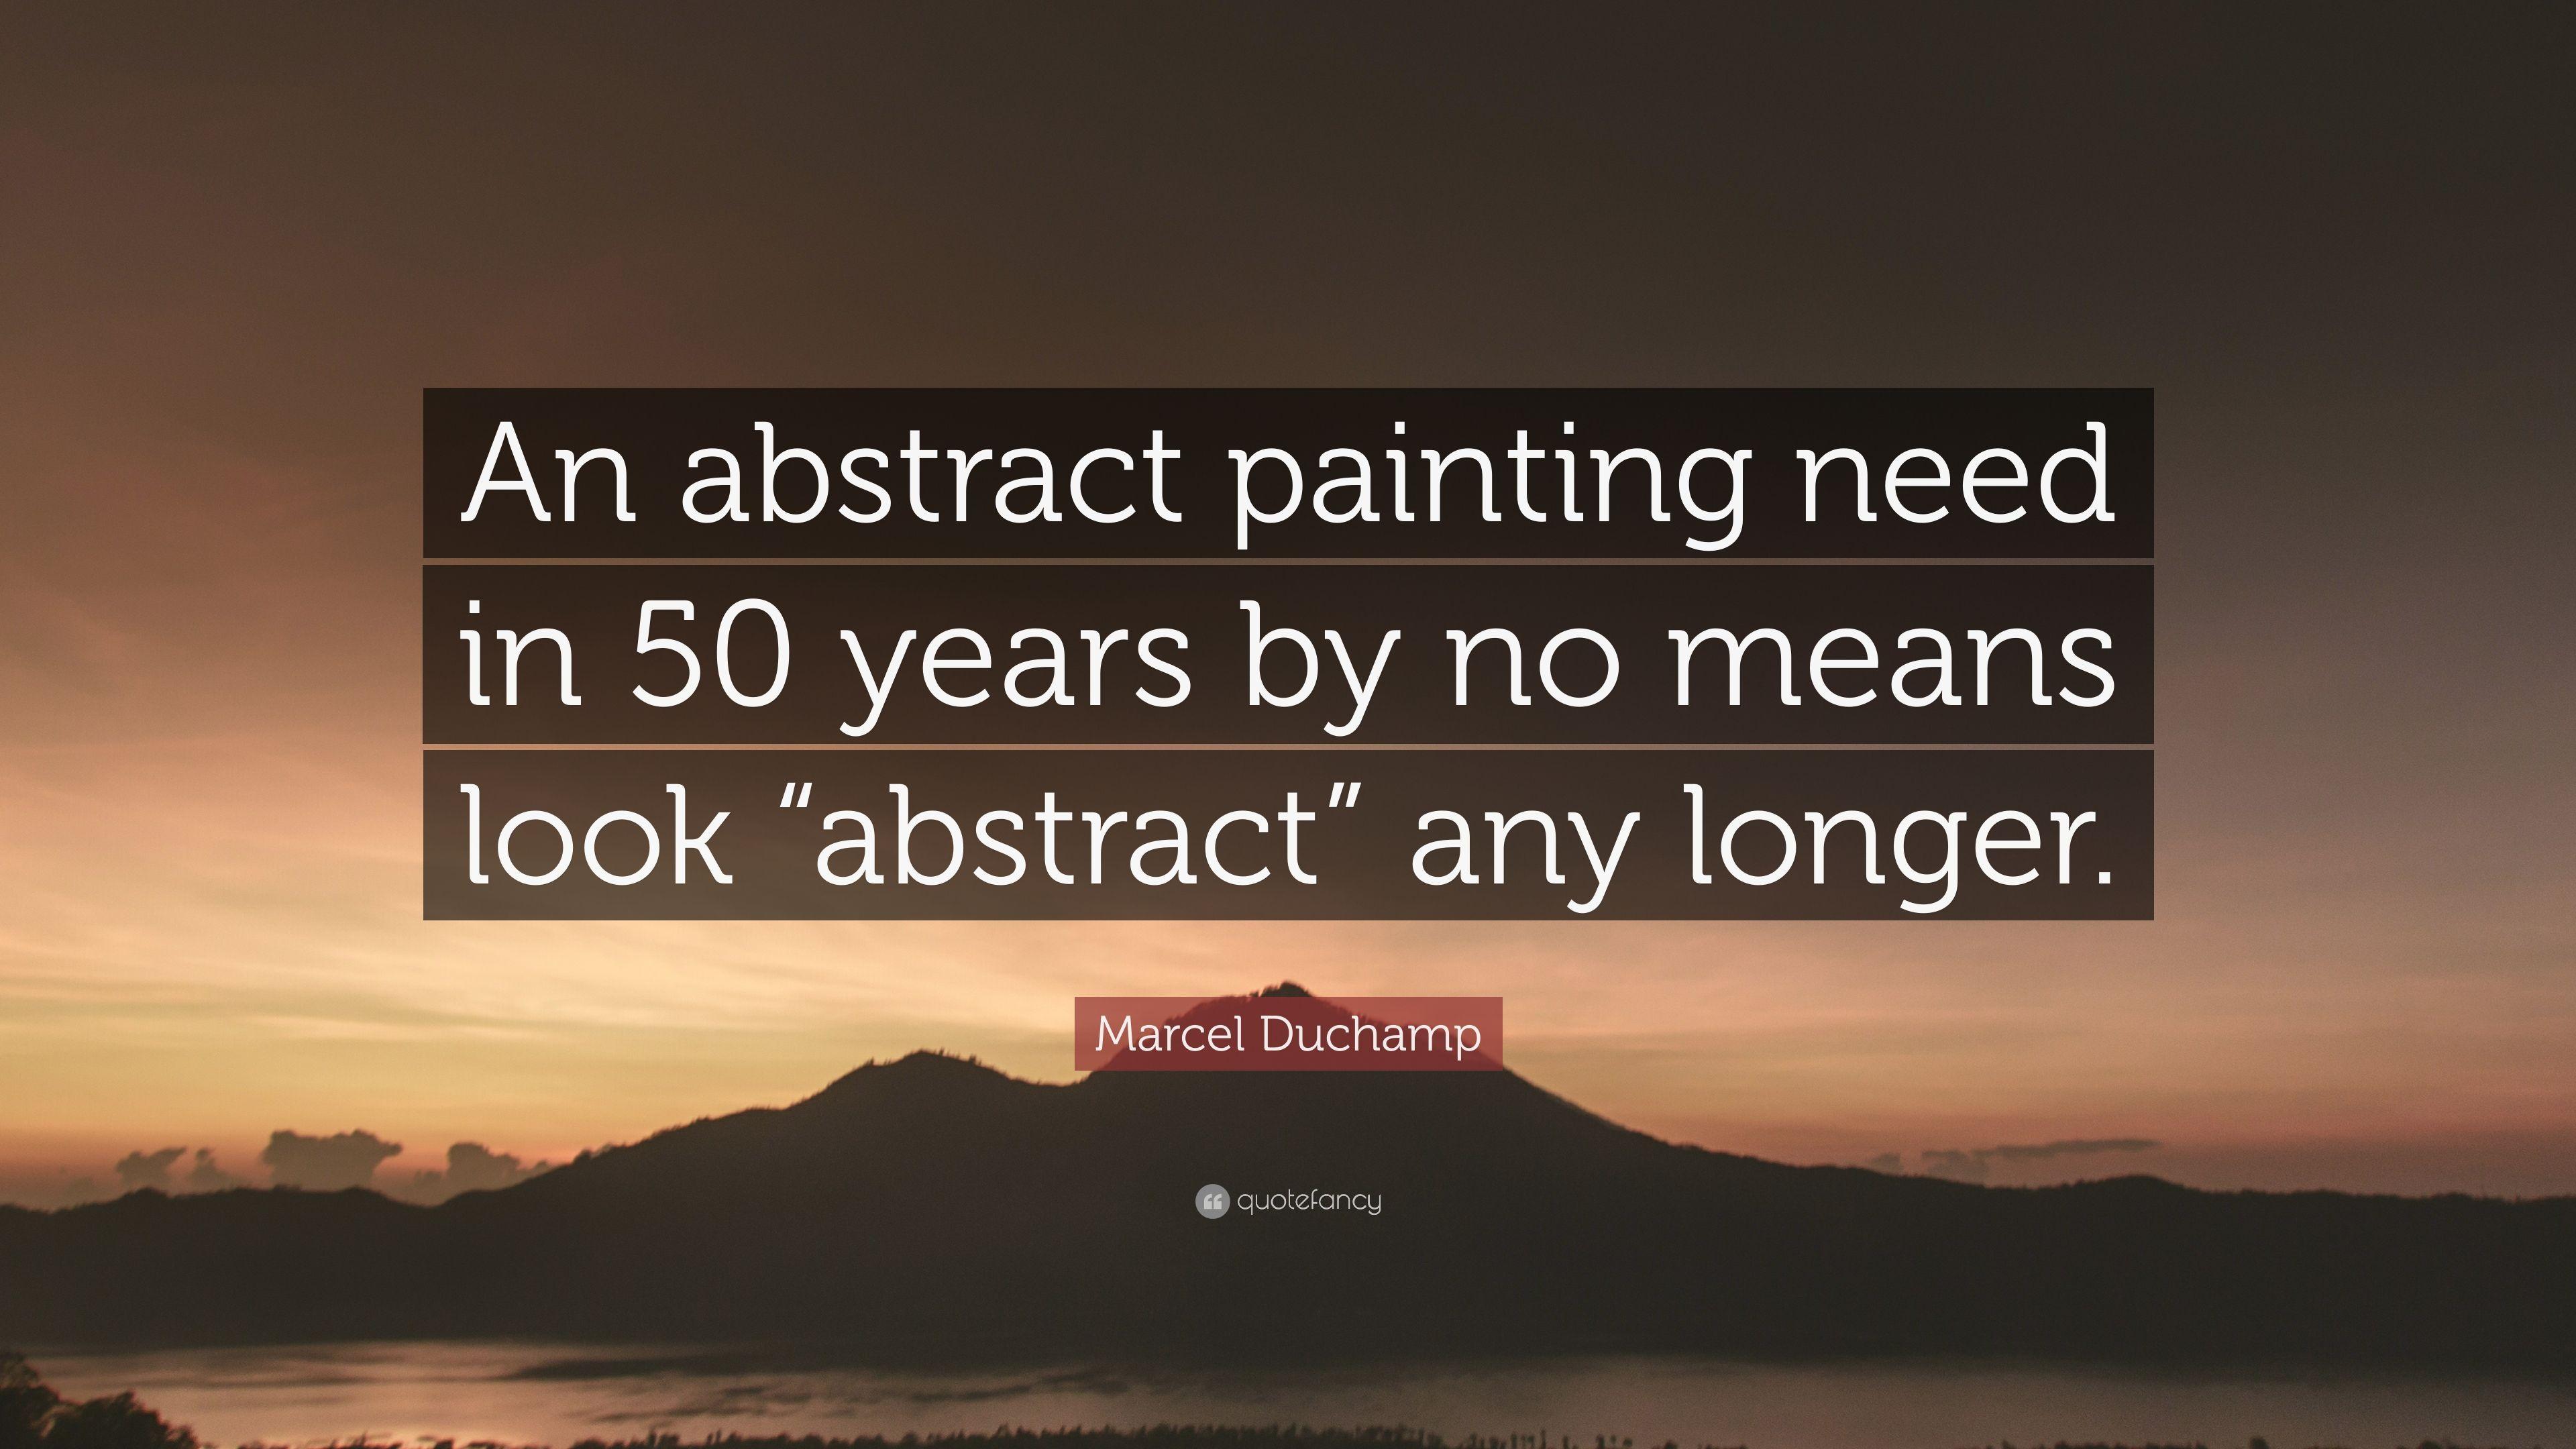 """3840x2160 Marcel Duchamp Trích dẫn: """"Một bức tranh trừu tượng cần trong 50 năm nữa"""